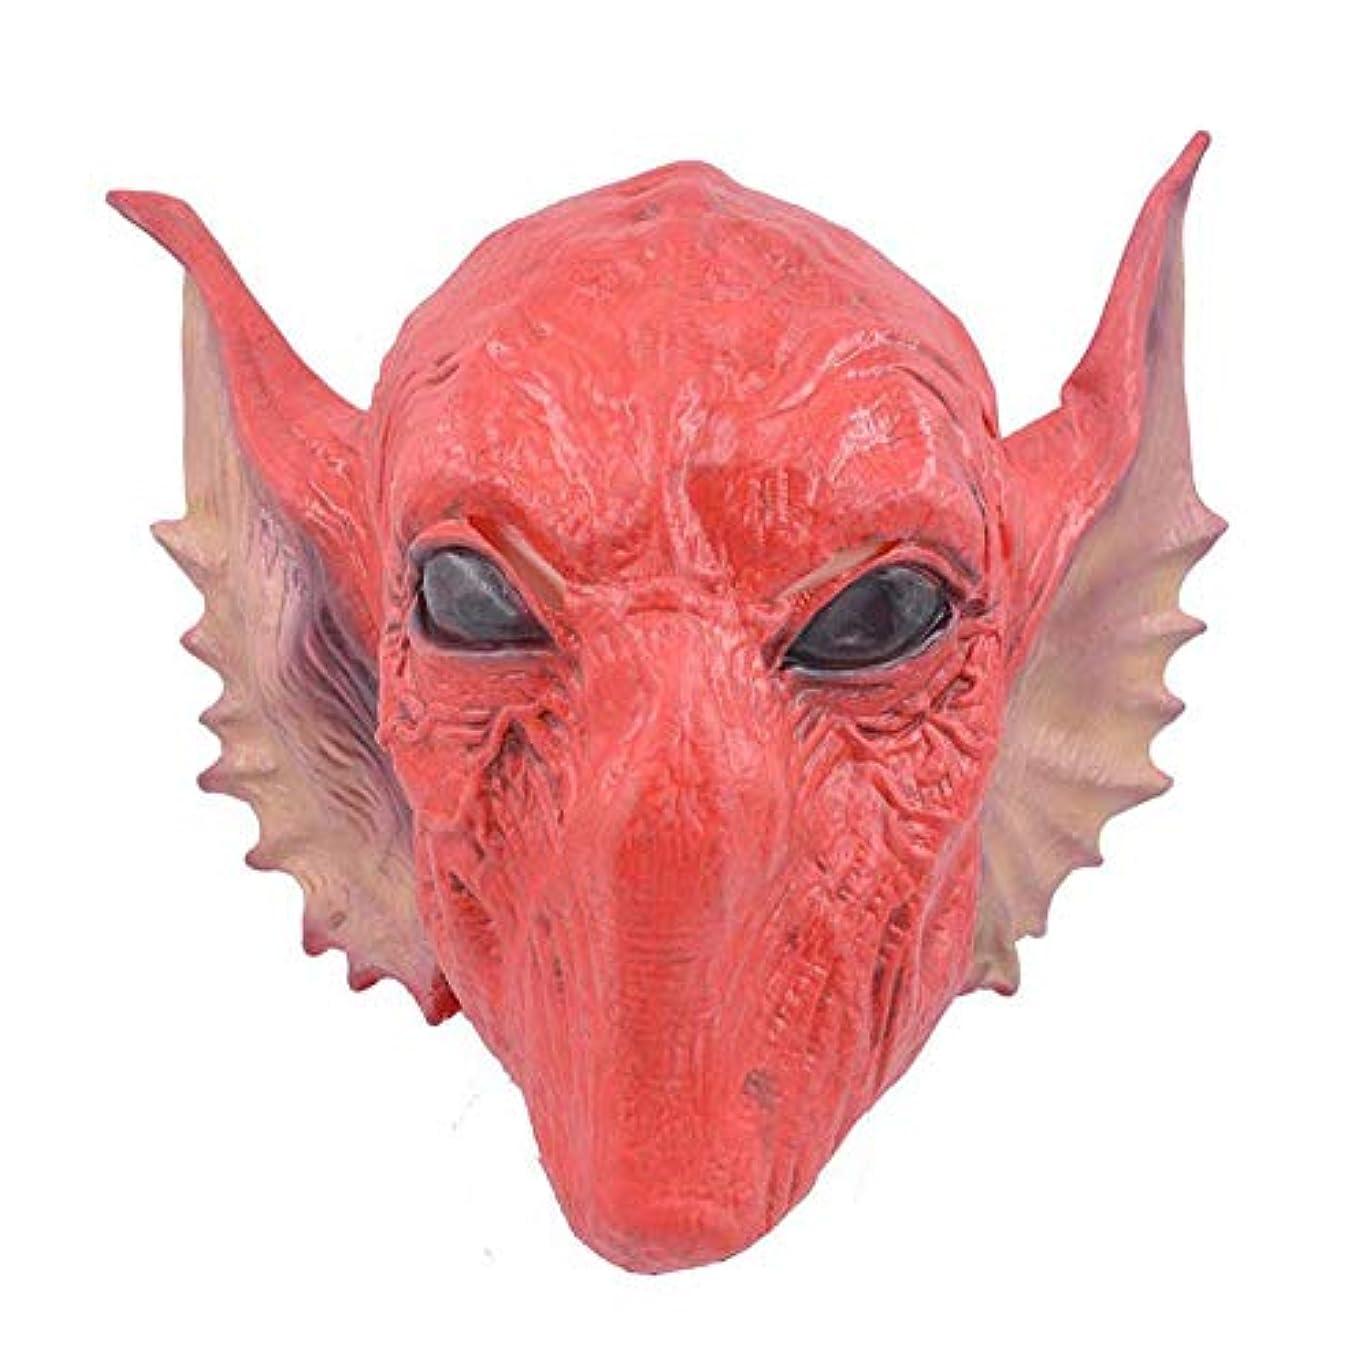 手雄弁青写真ハロウィーンマスク赤いフードのSF映画のテーママスクホラーマスク